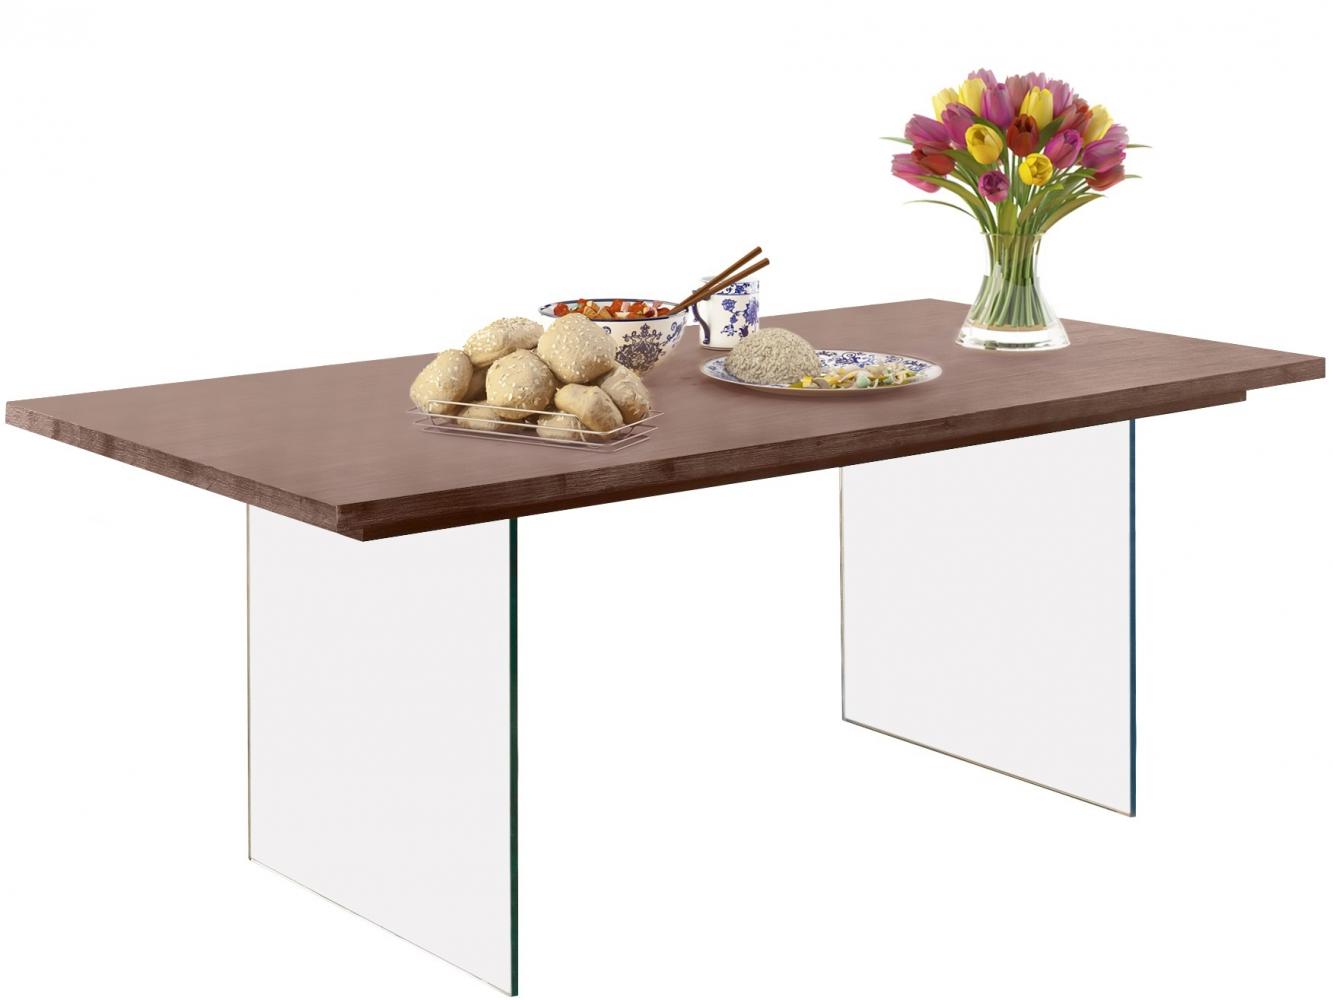 Jídelní stůl Vive, 180 cm, hnědá